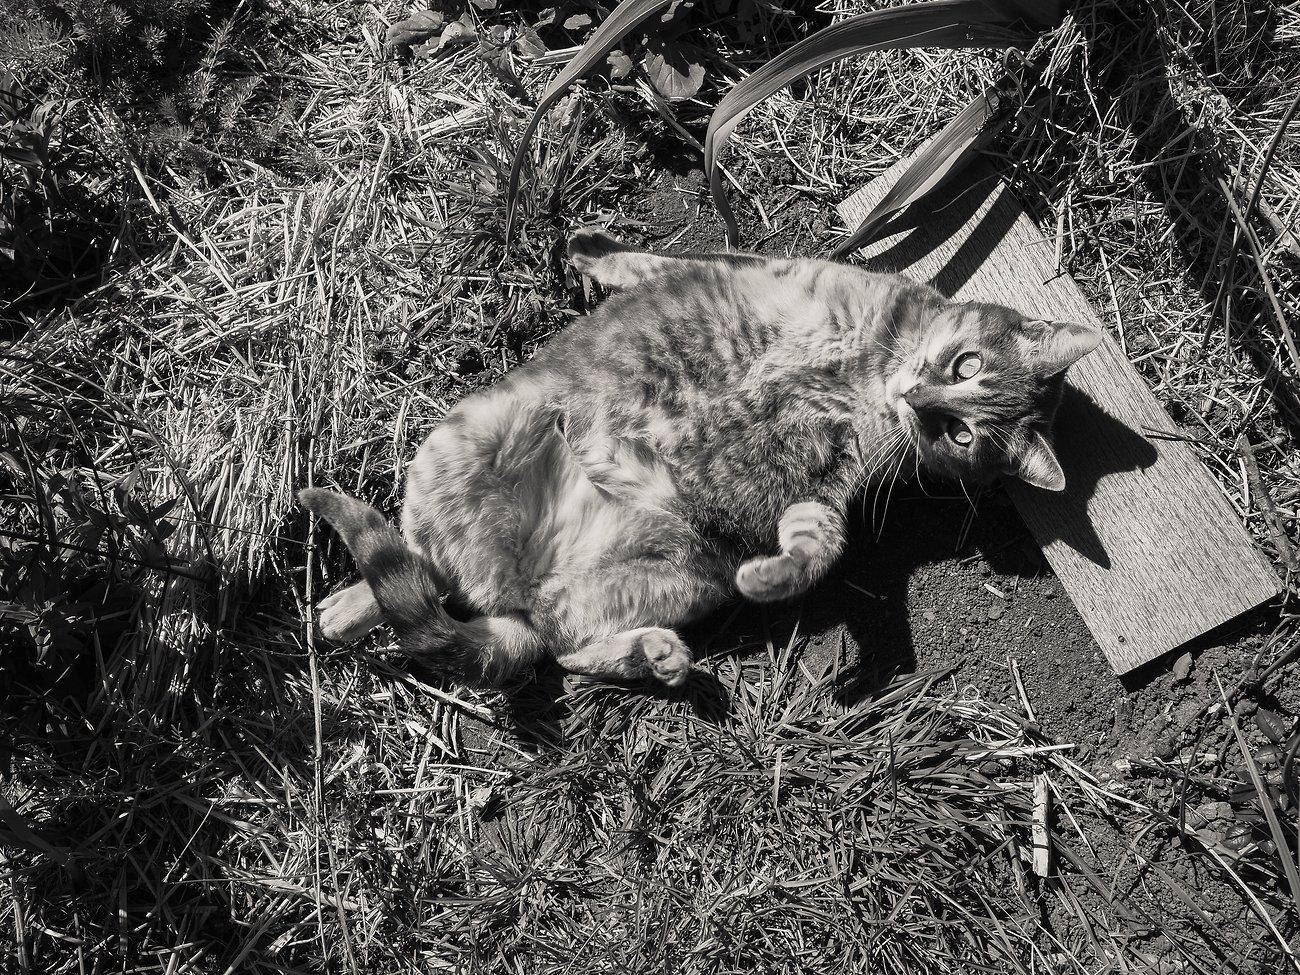 PenF_Day12_Easter_Cat#2 (KodakchrMem).jpg